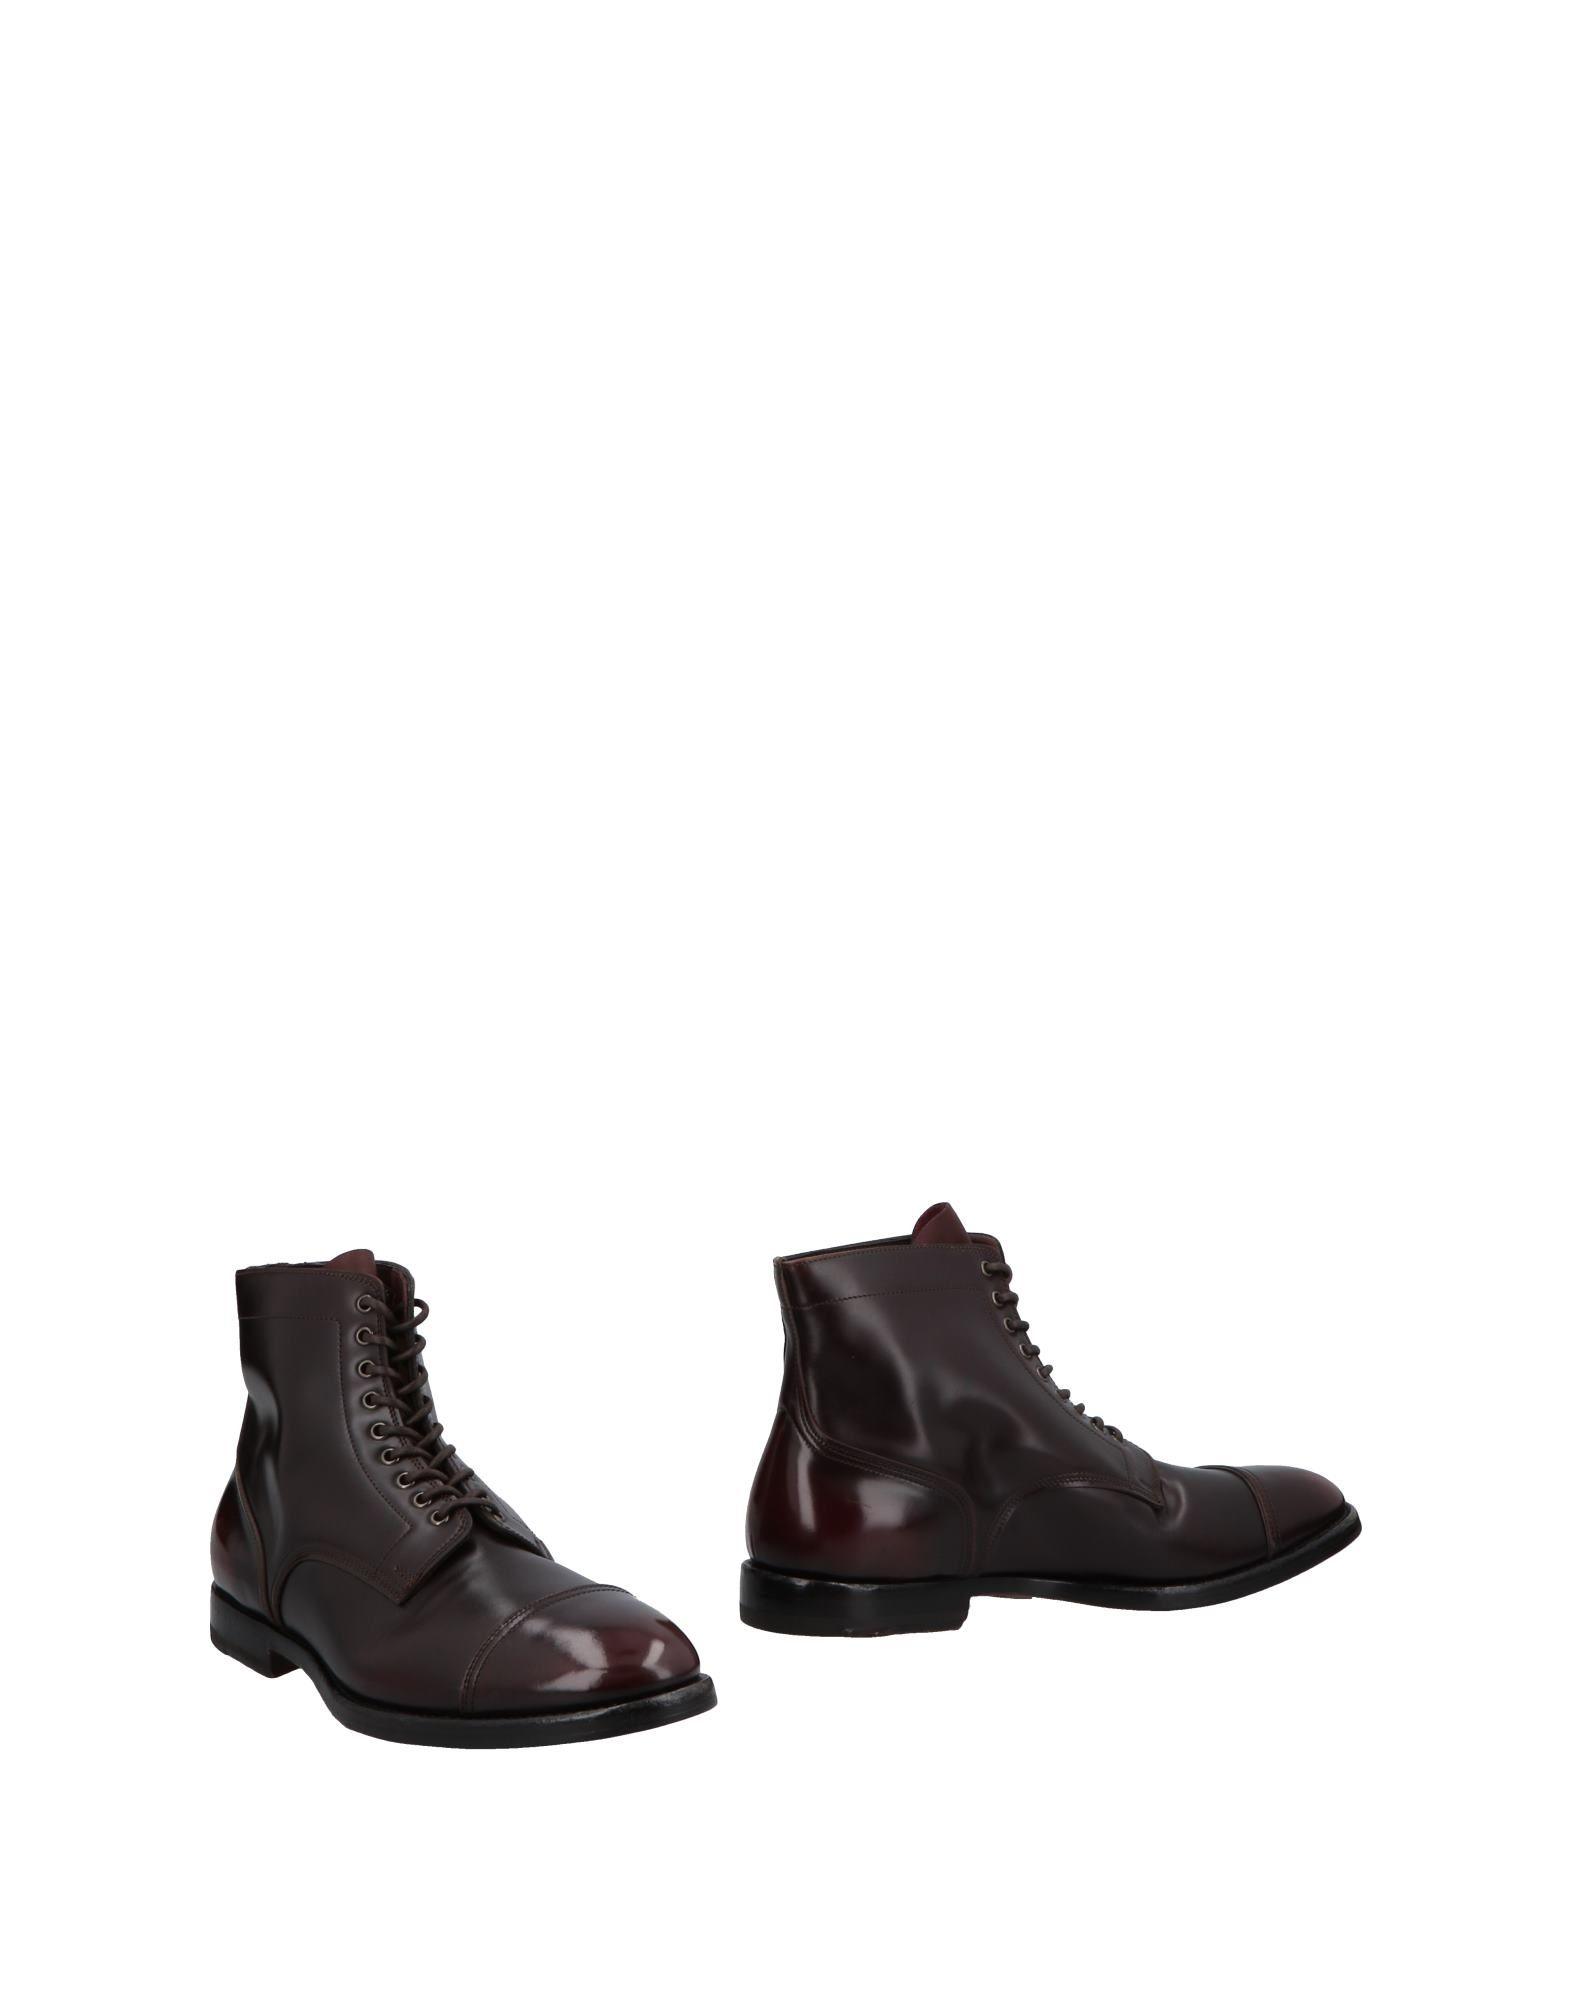 Santoni Stiefelette Herren  11478593CG Gute Qualität beliebte Schuhe